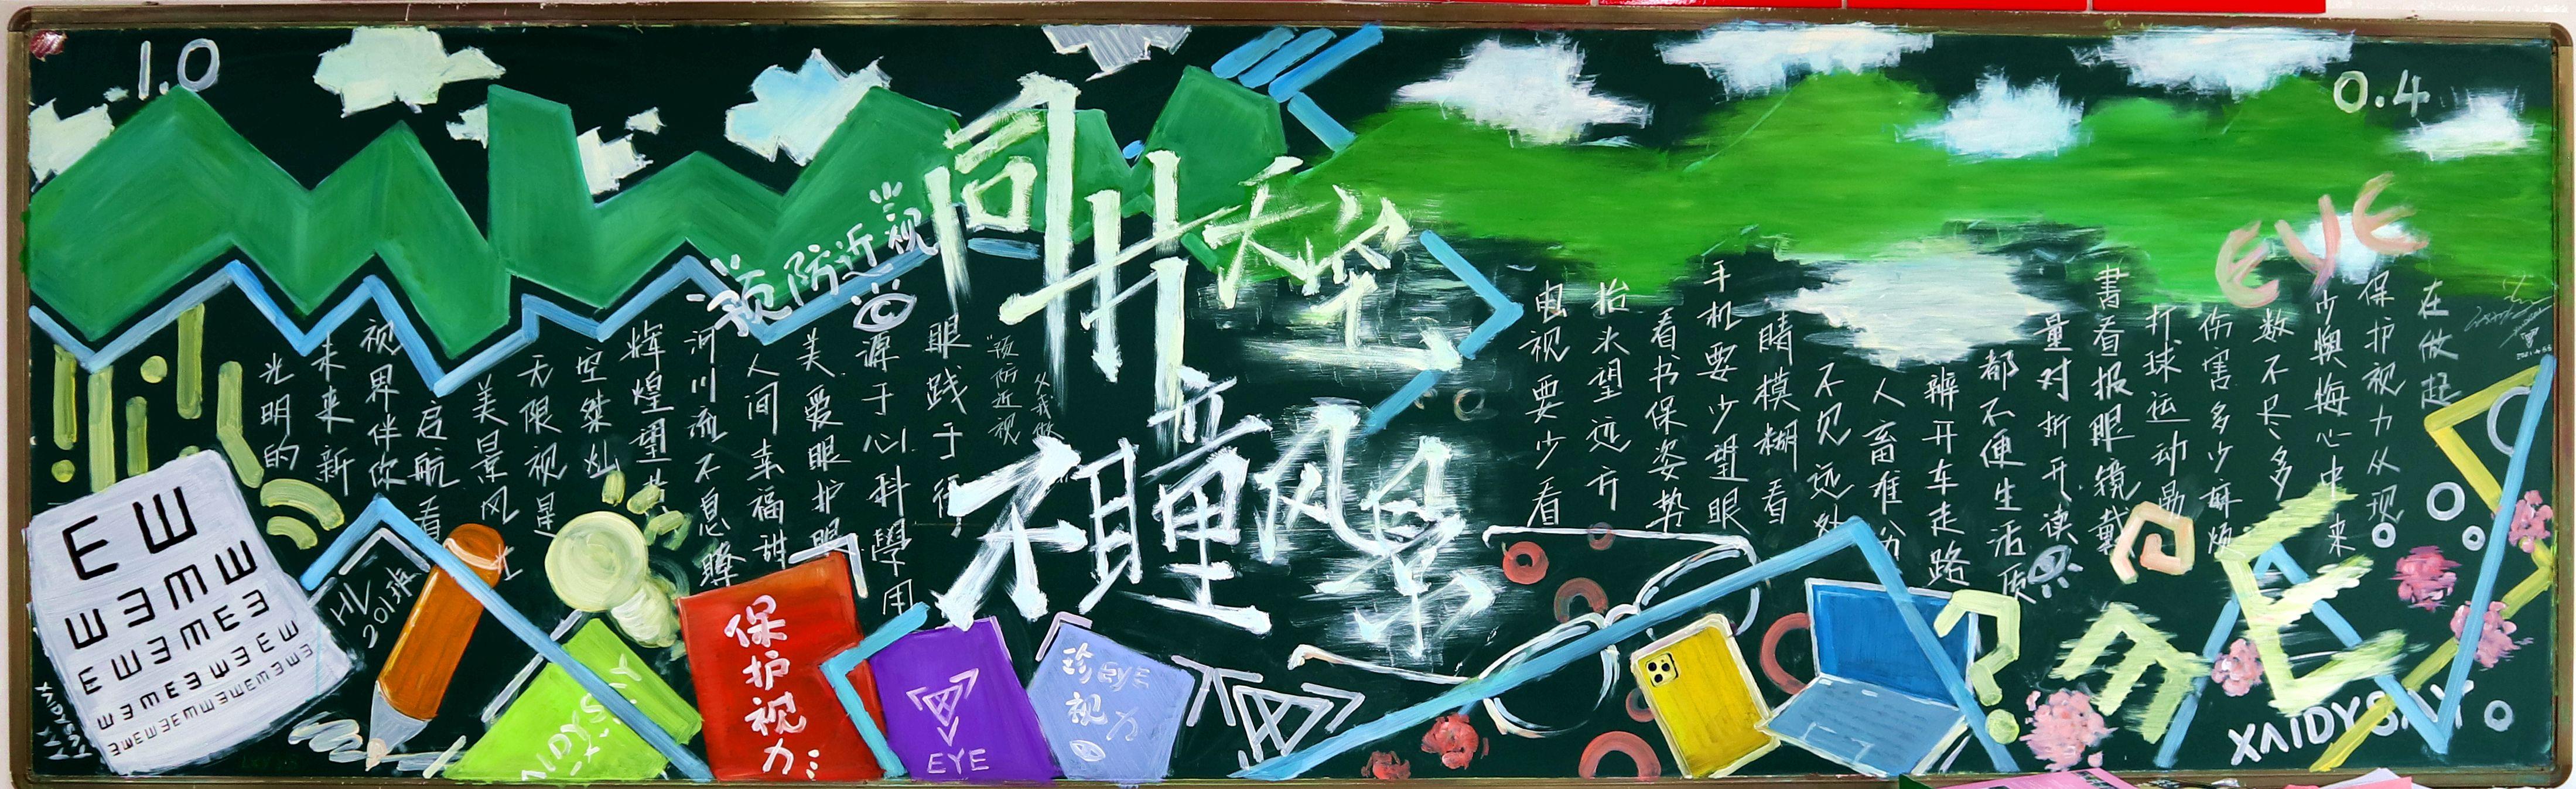 """海亮高级中学举办""""青少年近视防控宣传""""黑板报评比活动"""